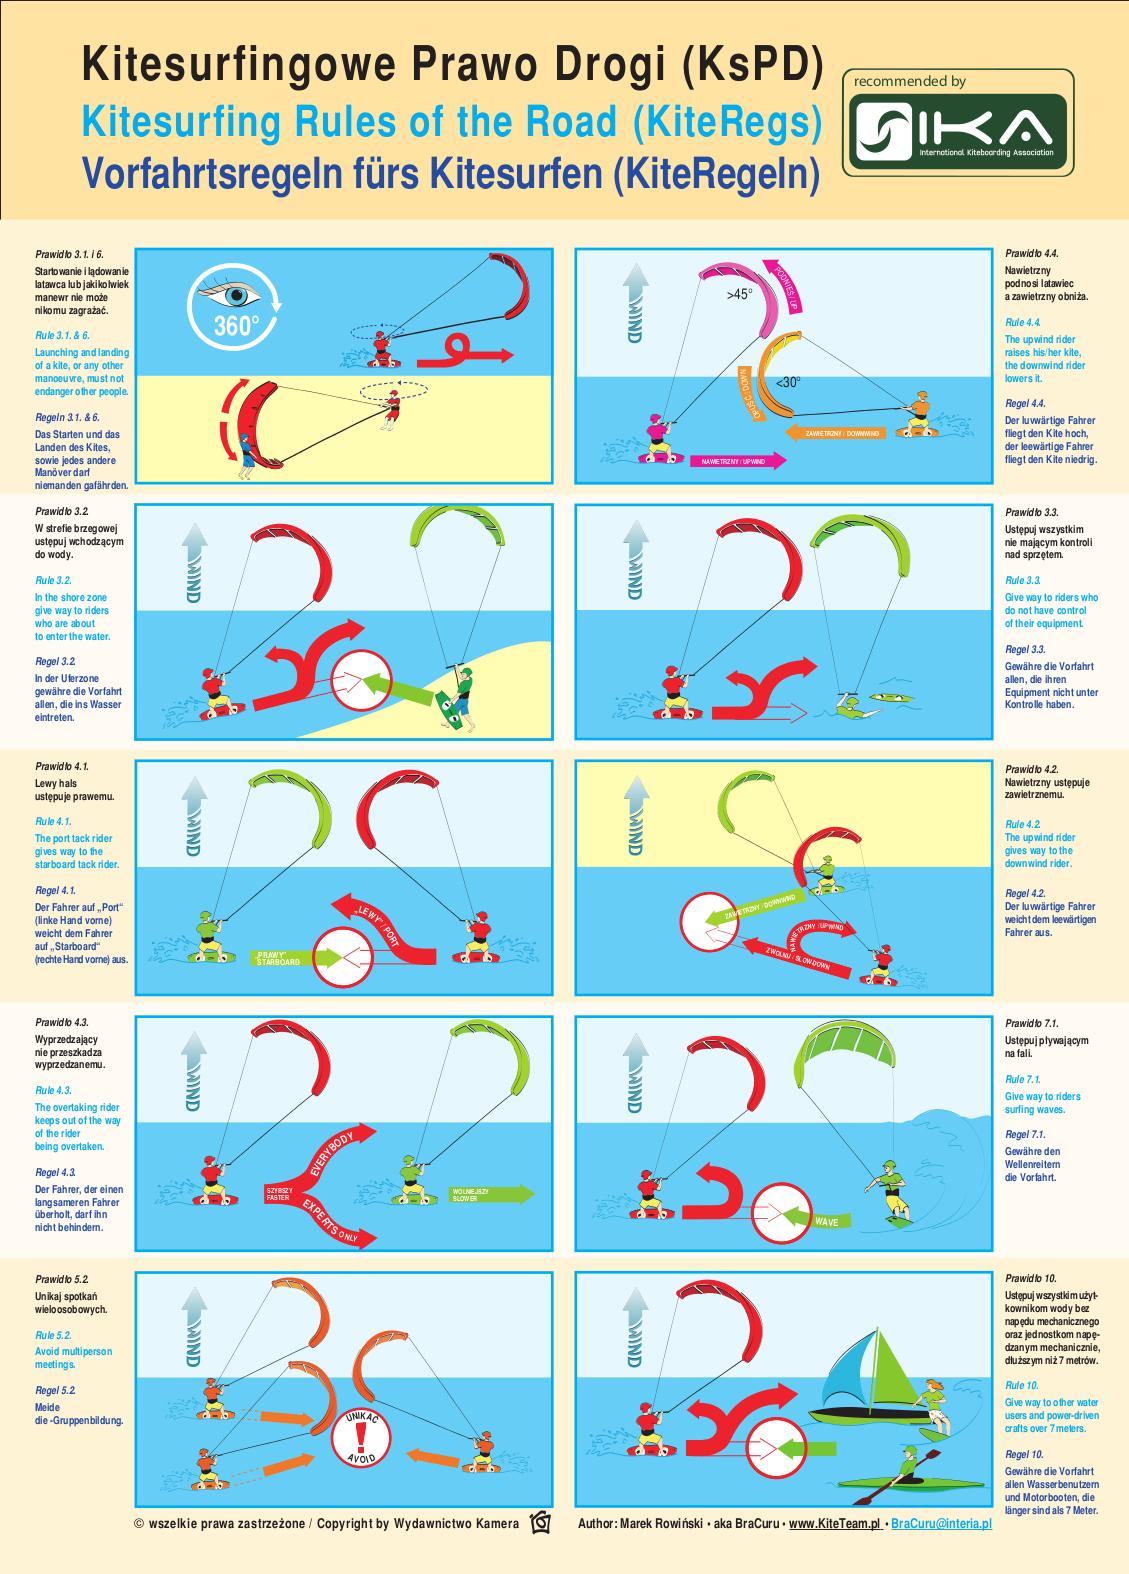 Kitesurfingowe Prawo Drogi w wersji obrazkowej